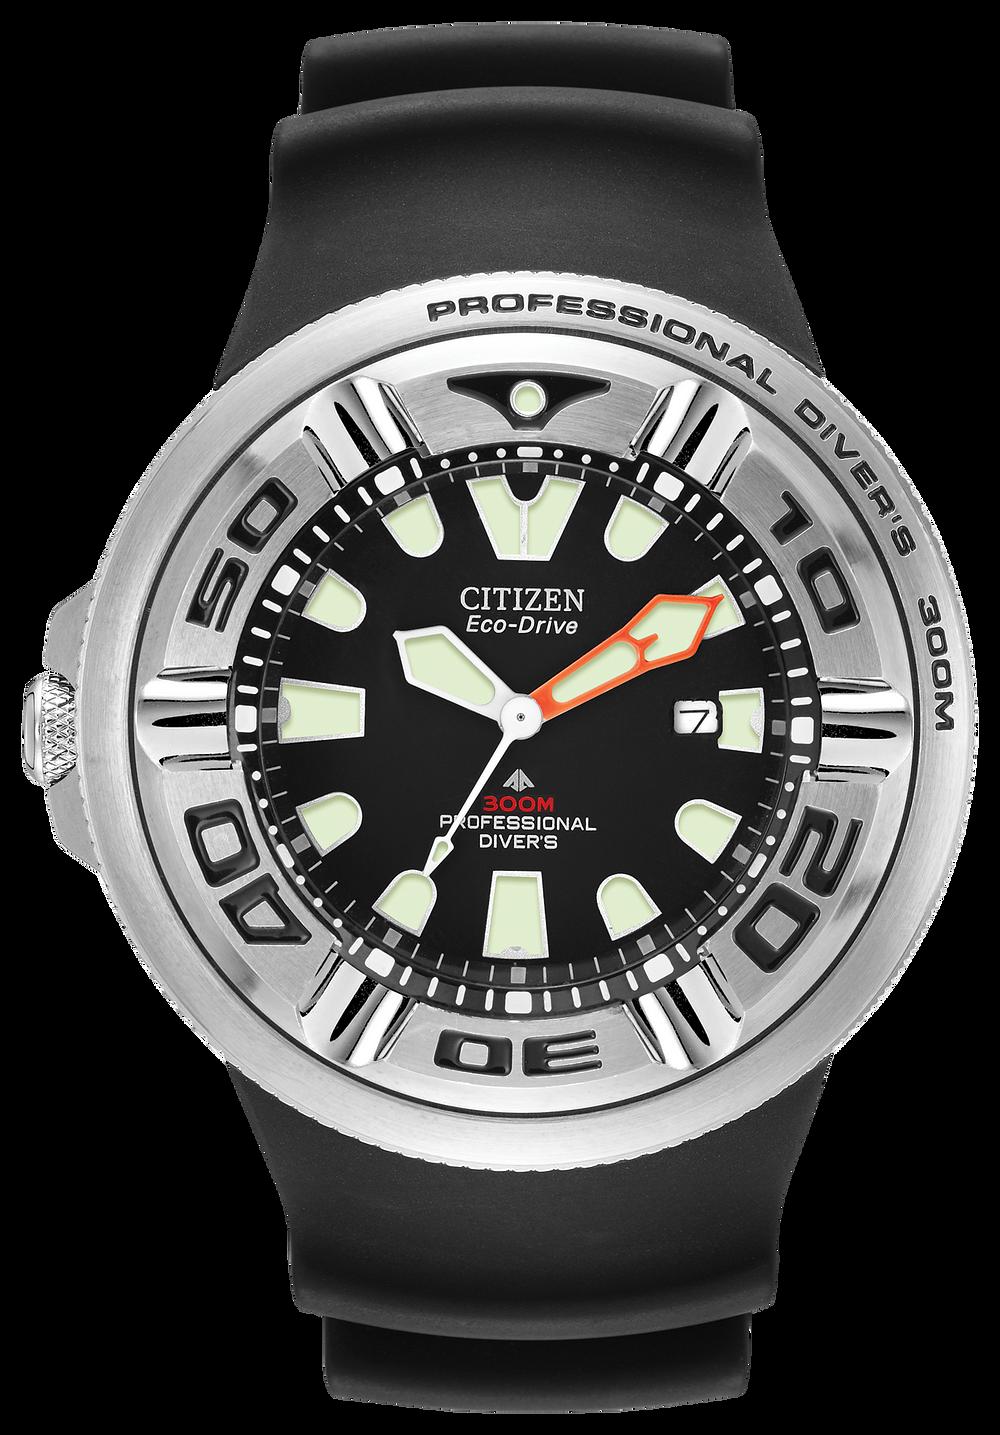 Promaster diver men 39 s eco drive bj8050 08e steel diver watch citizen - Citizen promaster dive watch ...